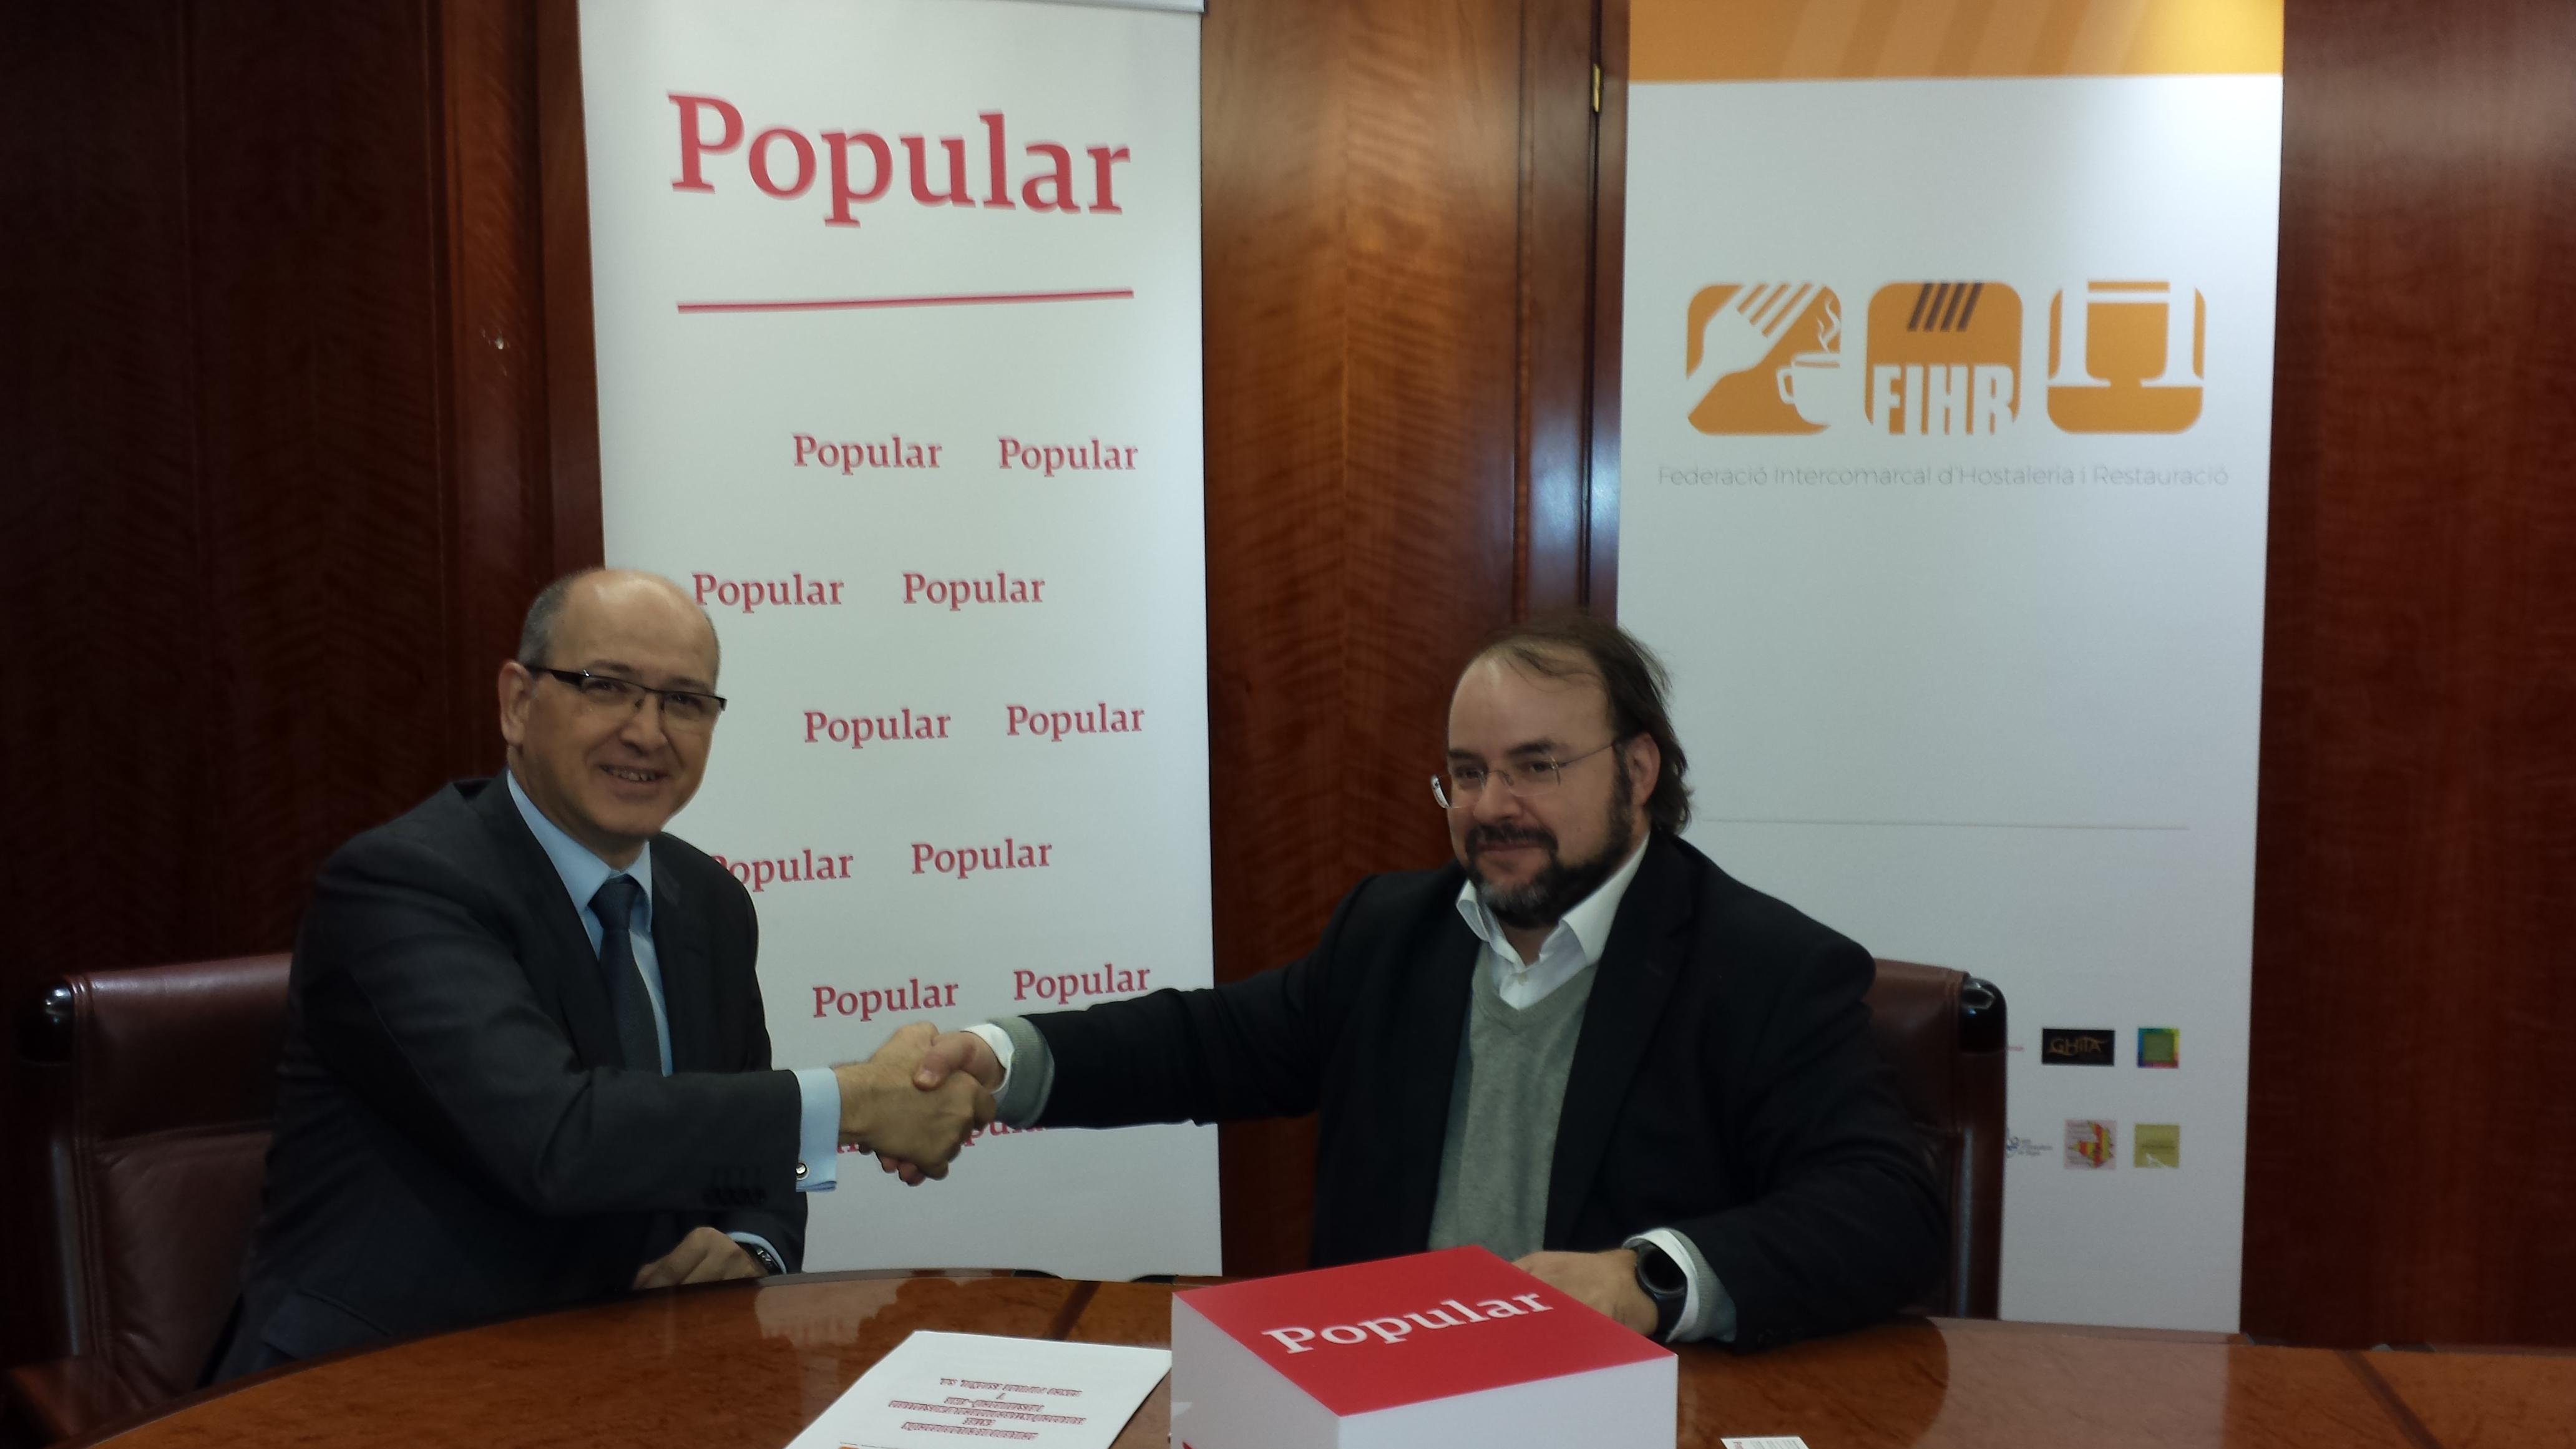 Banco Popular y FIHR firman un acuerdo de colaboración